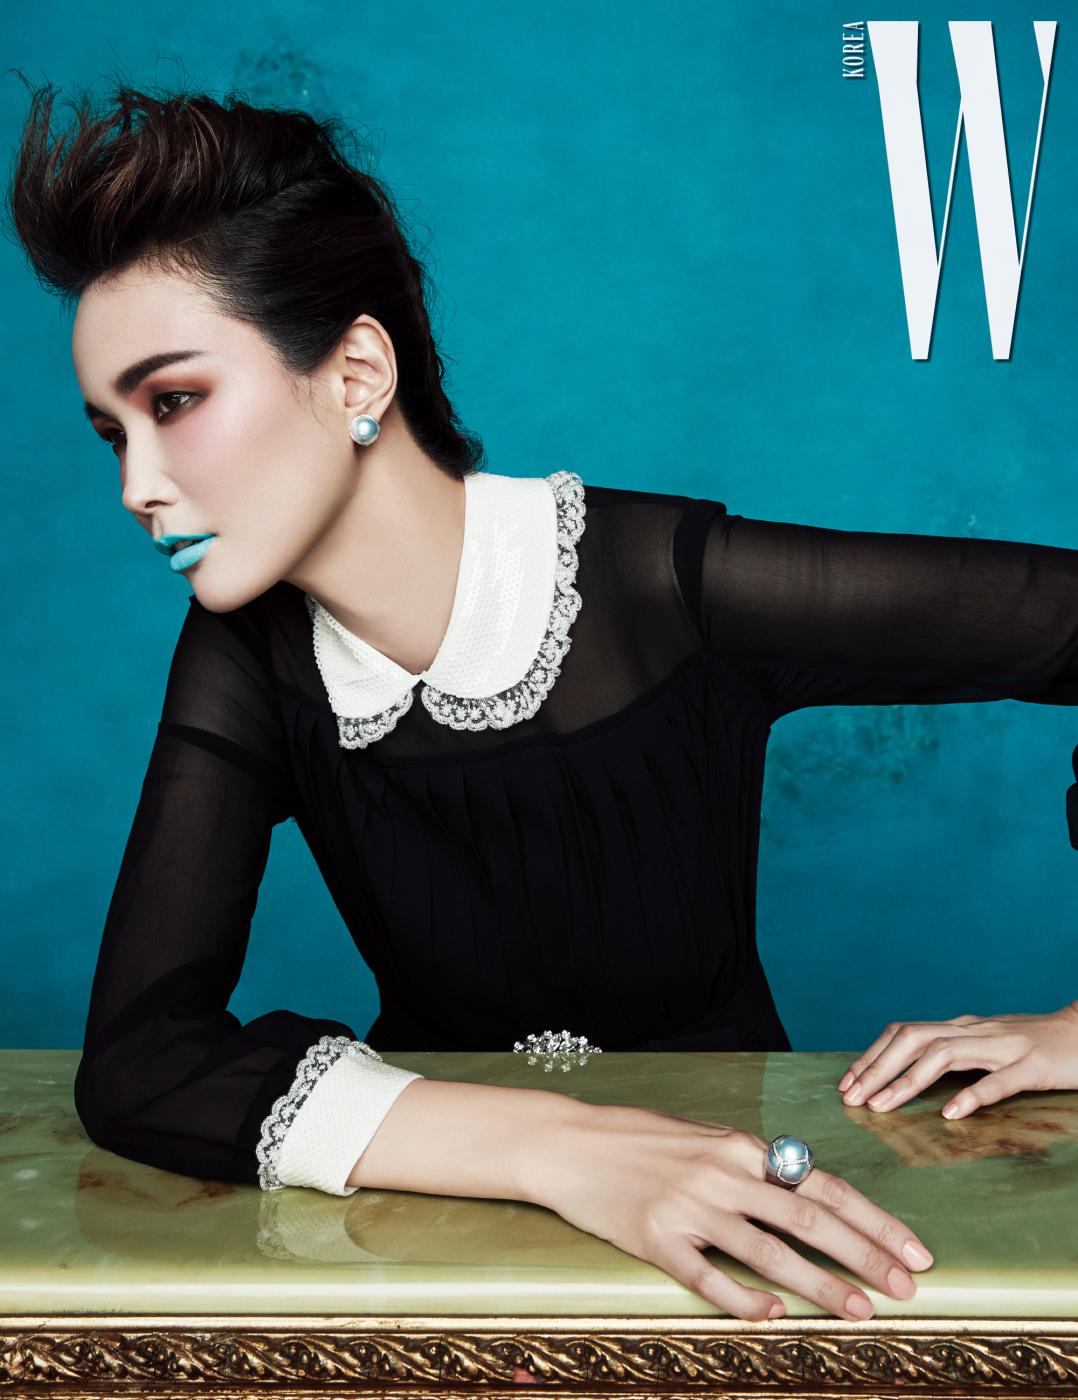 리츠 파리 스위트의 오브제에서  영감 받은 것으로 섬세한 광채의  마베 진주와 다이아몬드가 어우러진  화이트 골드 소재의 귀고리와  반지는 Tasaki 제품.  레이스 장식의 칼라와 소매가  여성스러운 드레스와  주얼 벨트는 Miu Miu 제품.